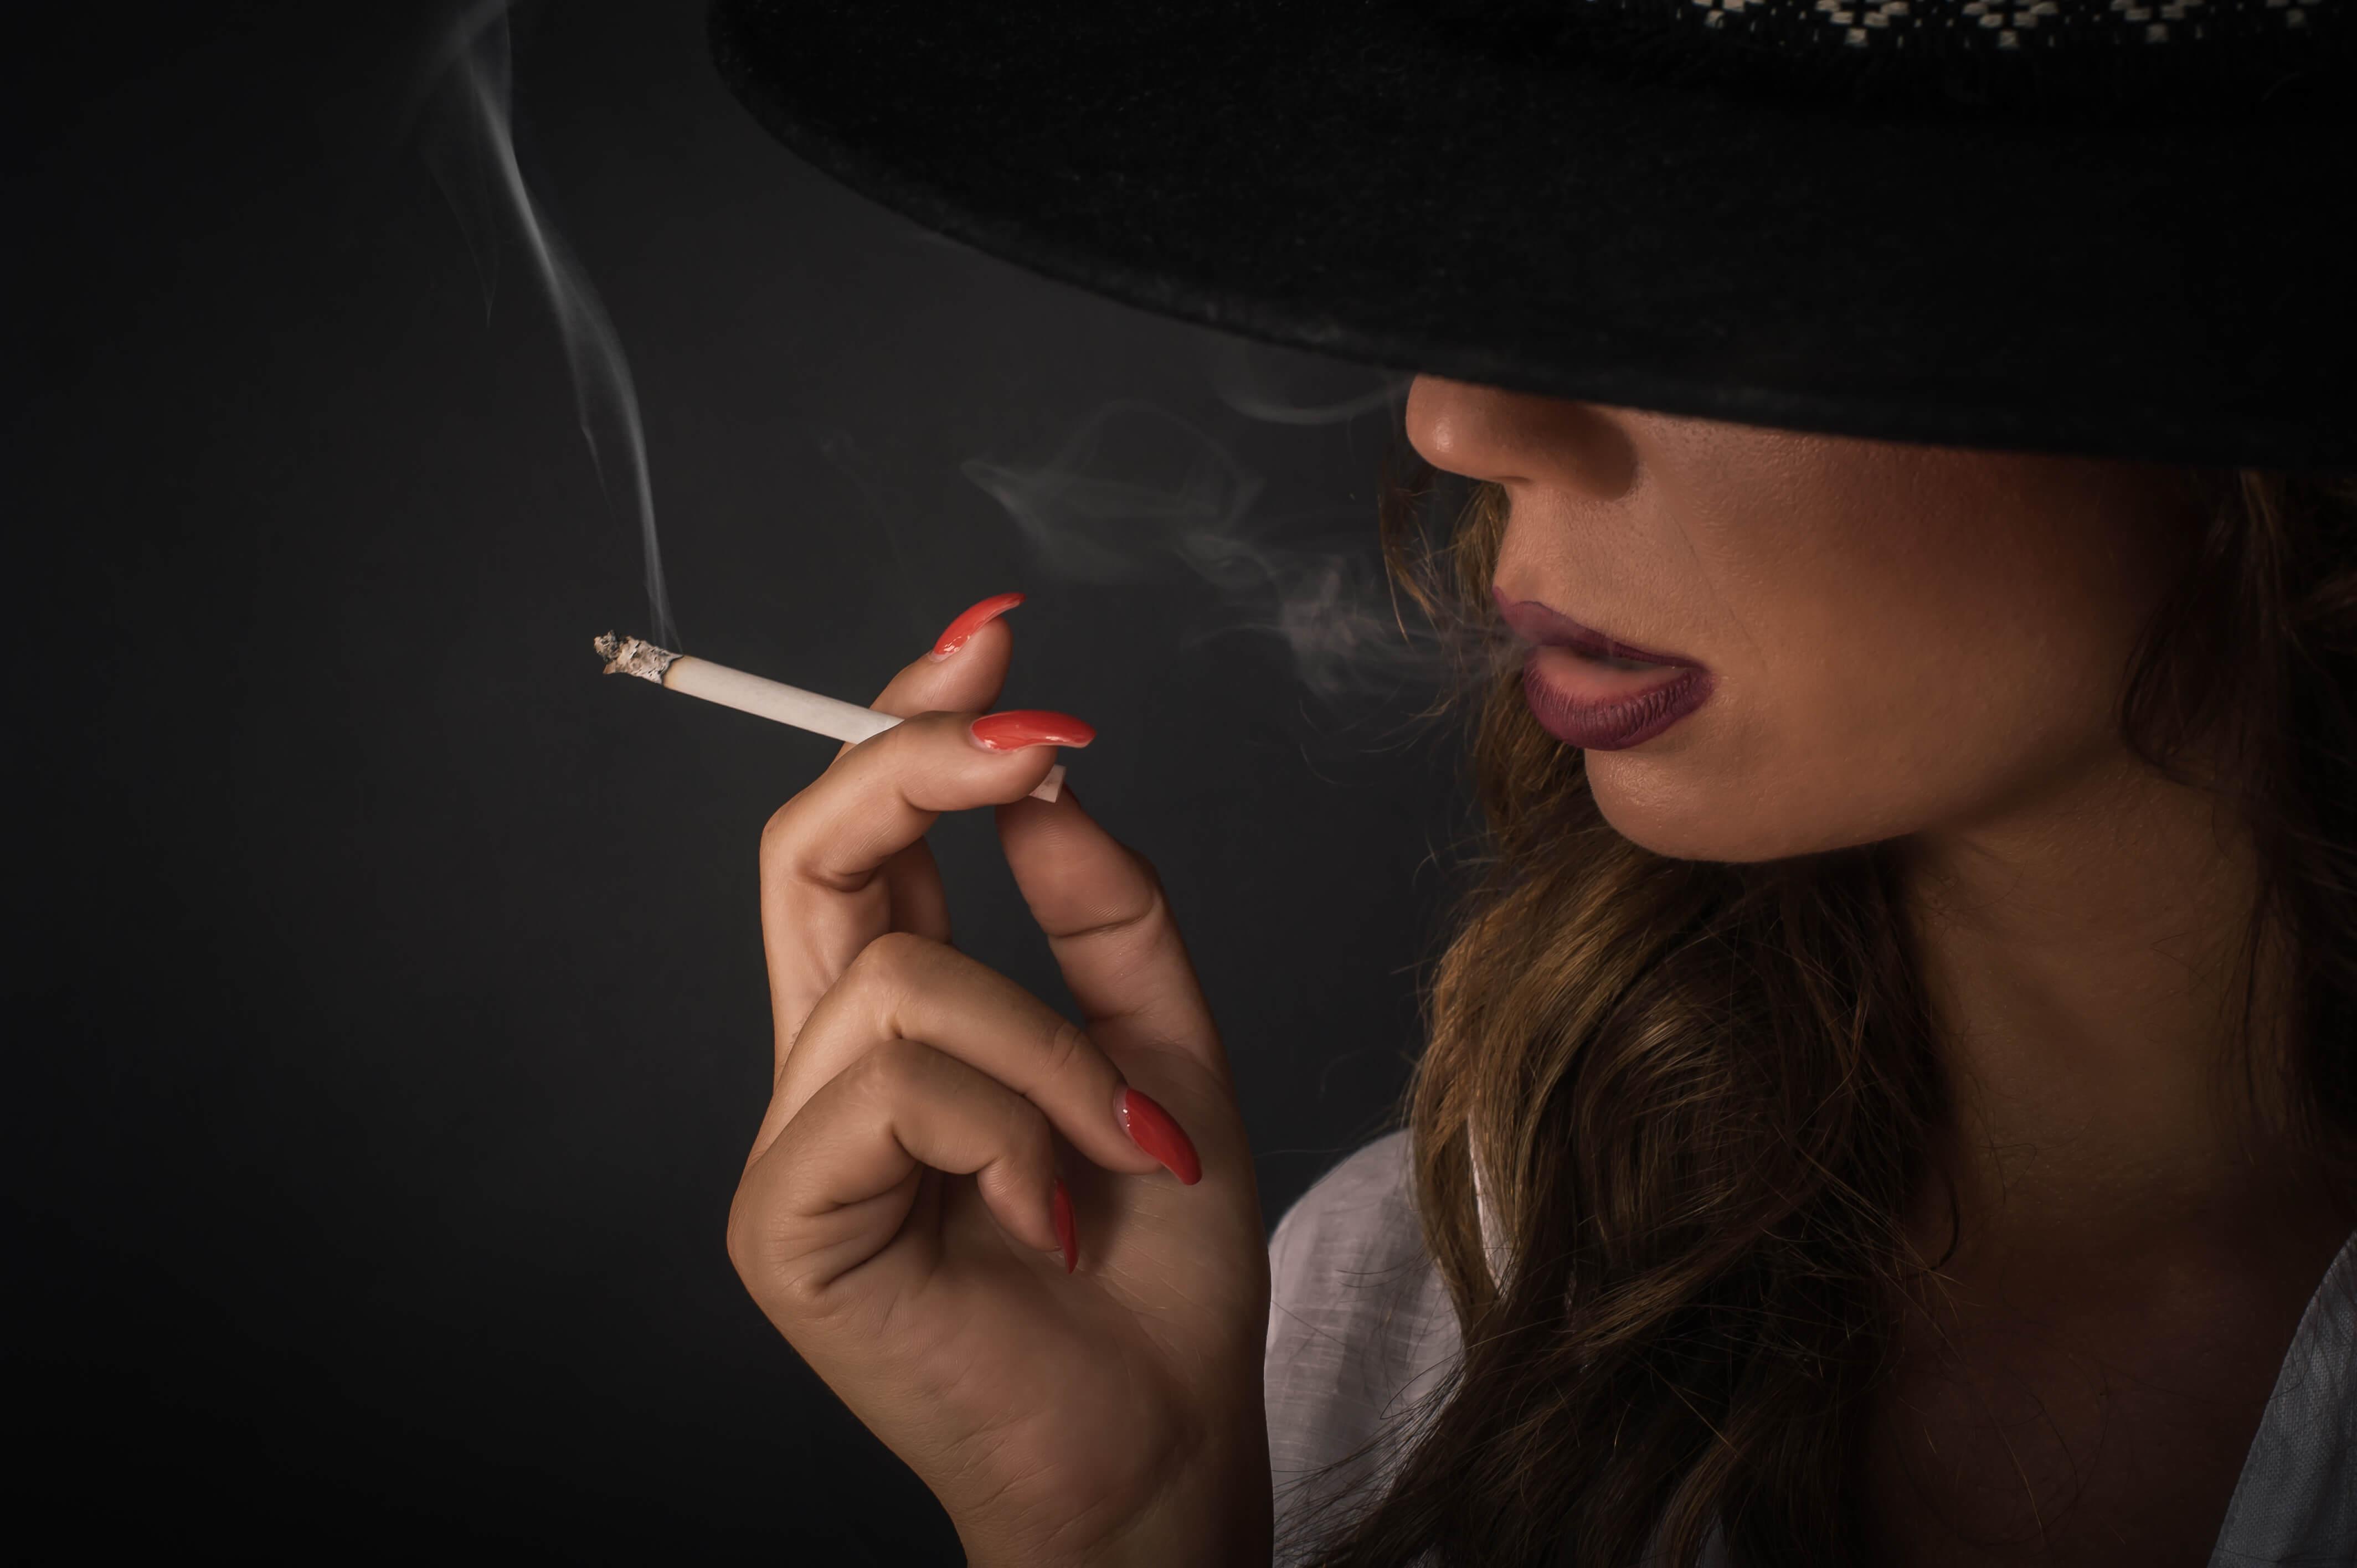 タバコをアイコスに変えると禁煙できるの?成功者の多いアイテムを紹介